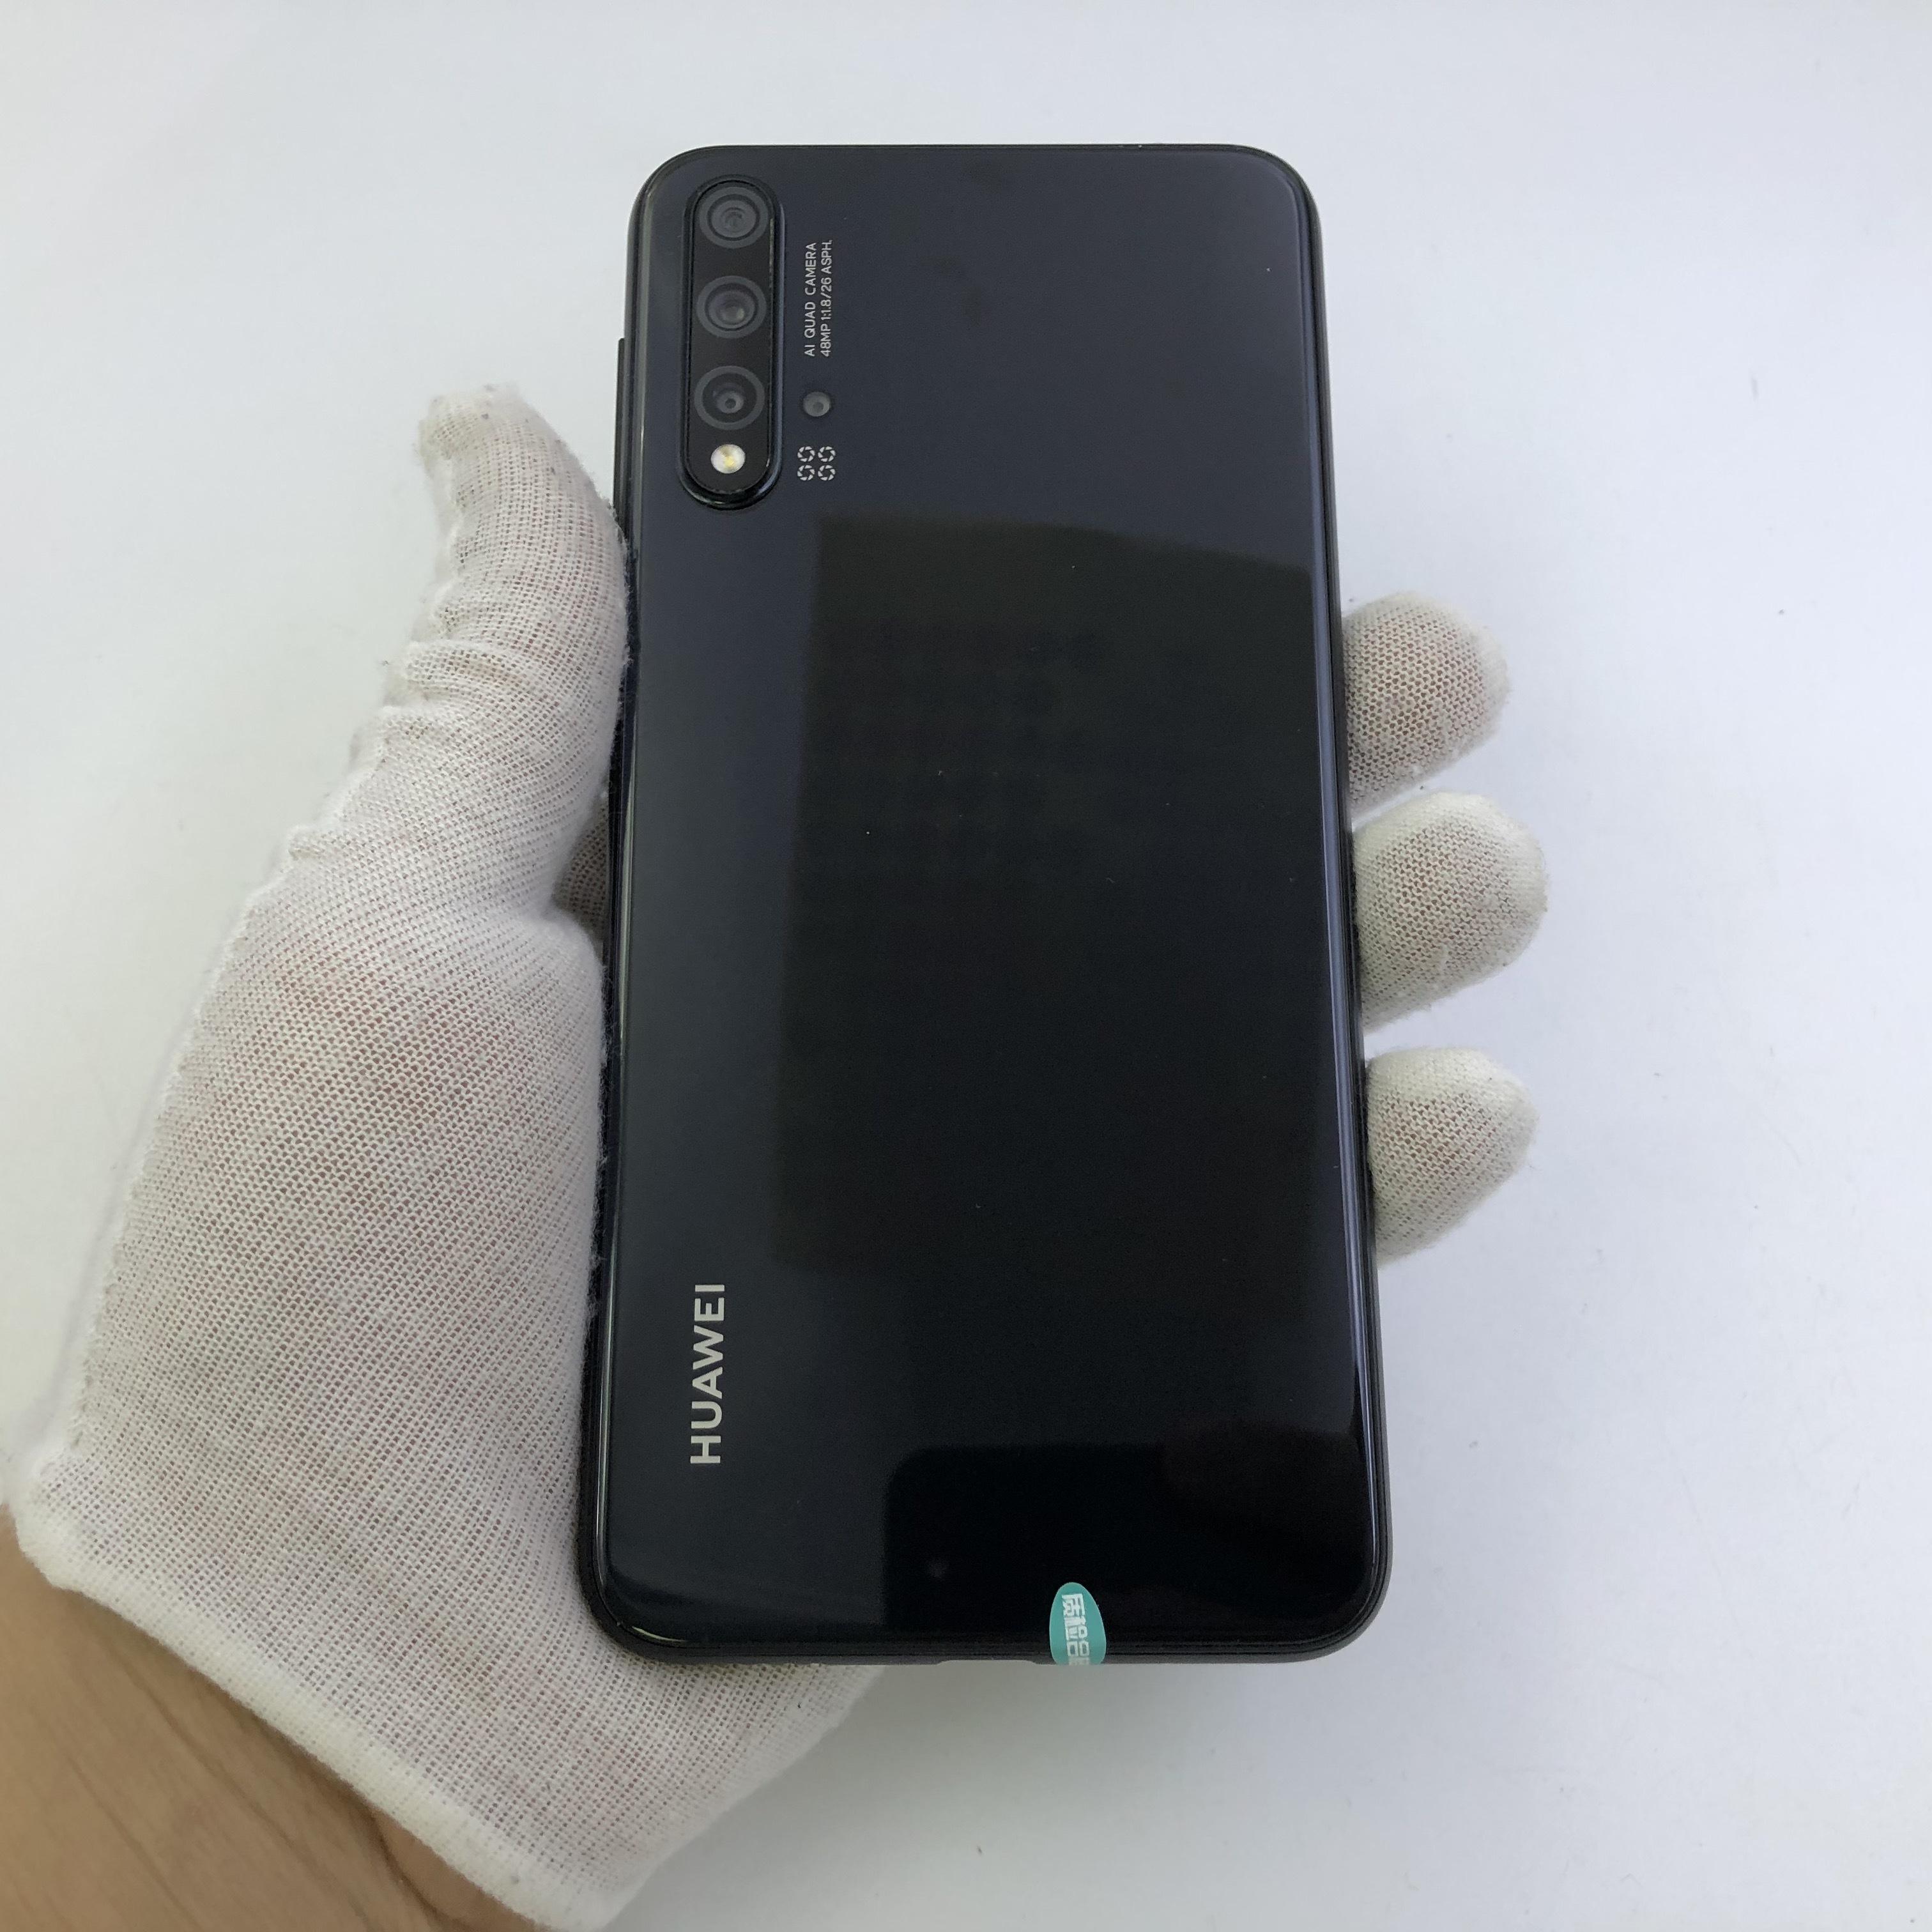 华为【P30】4G全网通 亮黑色 8G/128G 国行 9成新